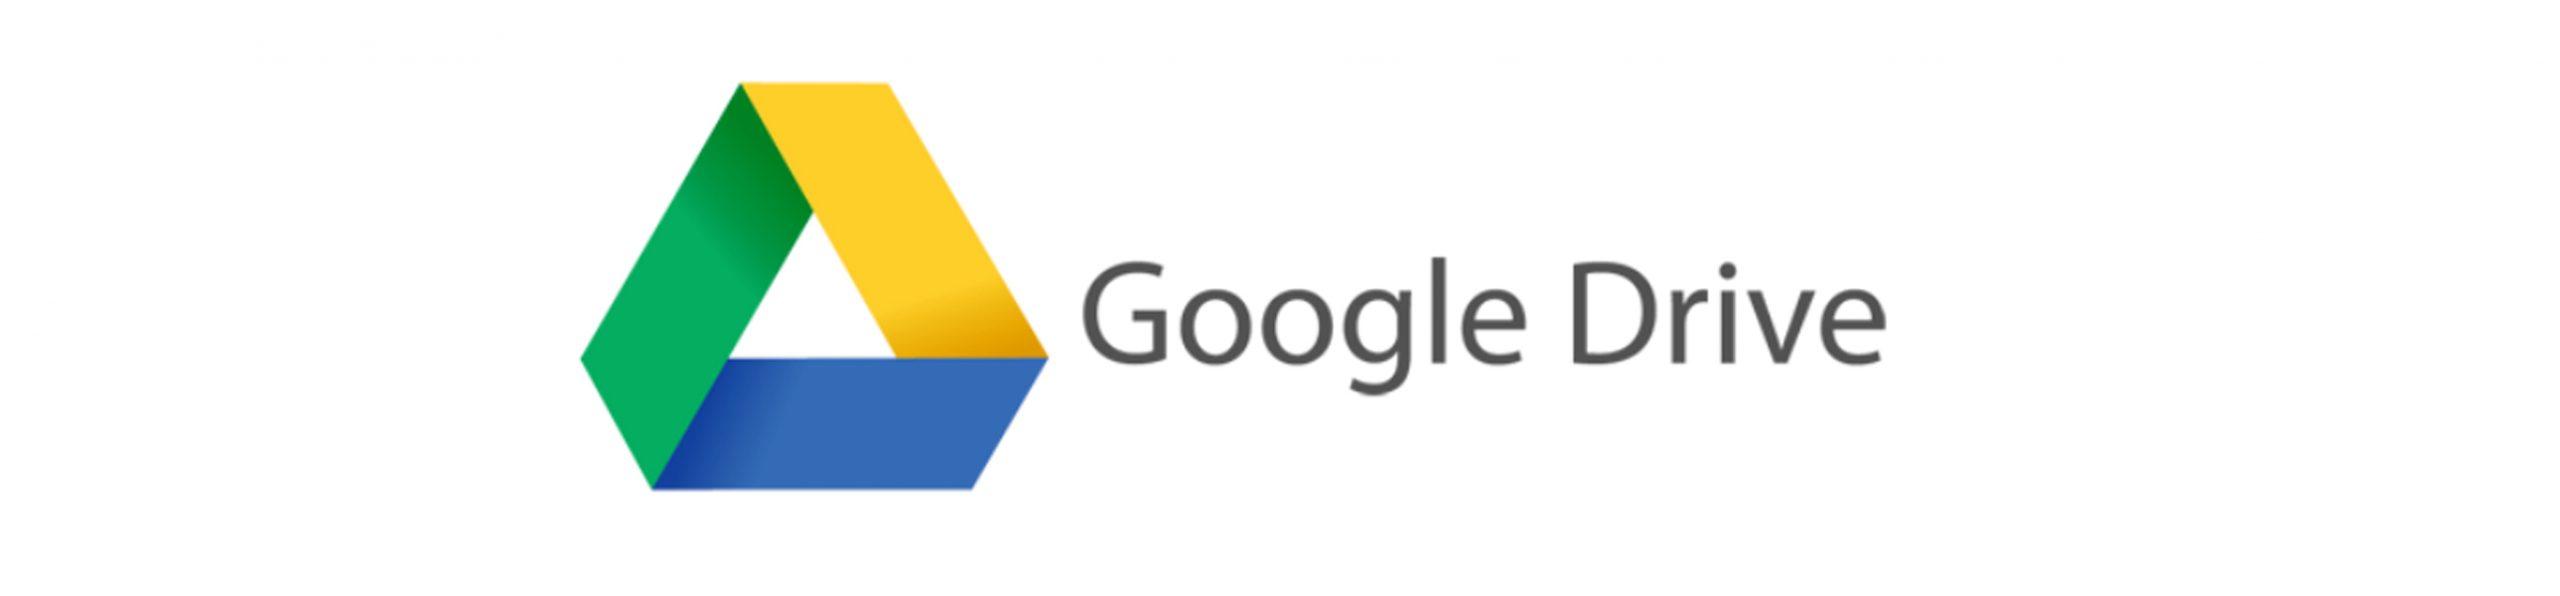 Ferramentas de gestão empresarial: Google Drive